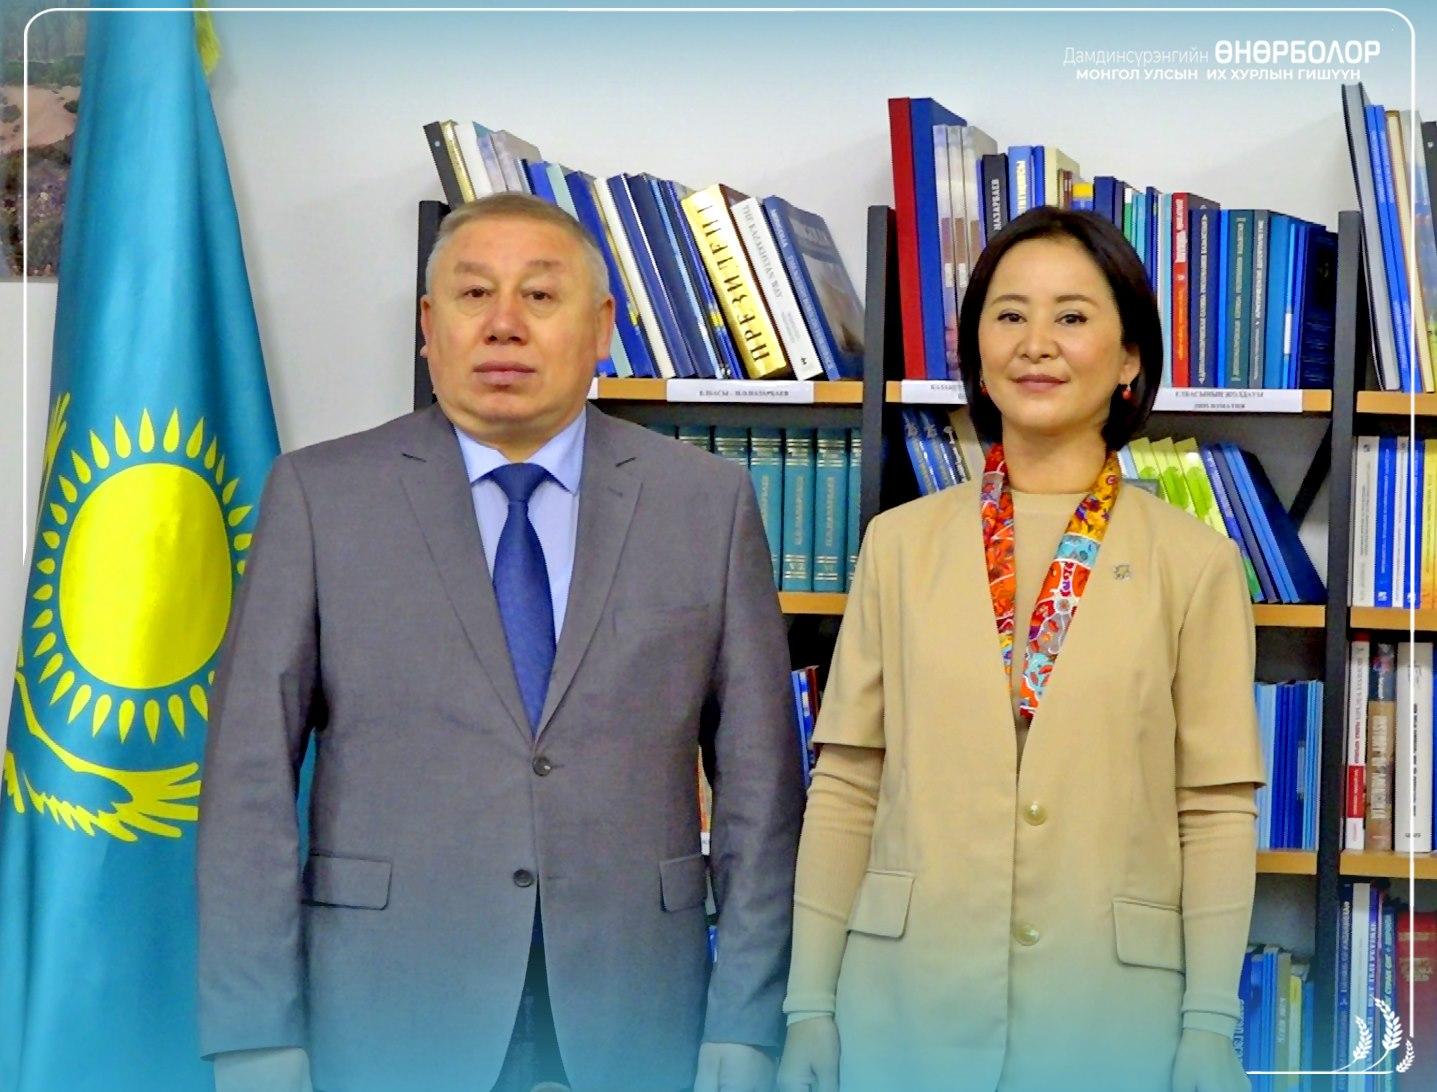 Д.Өнөрболор гишүүн БНКУ-аас Монгол Улсад суугаа Онц бөгөөд Бүрэн эрхт Элчин сайд Жалгас Адылбаевтай уулзлаа